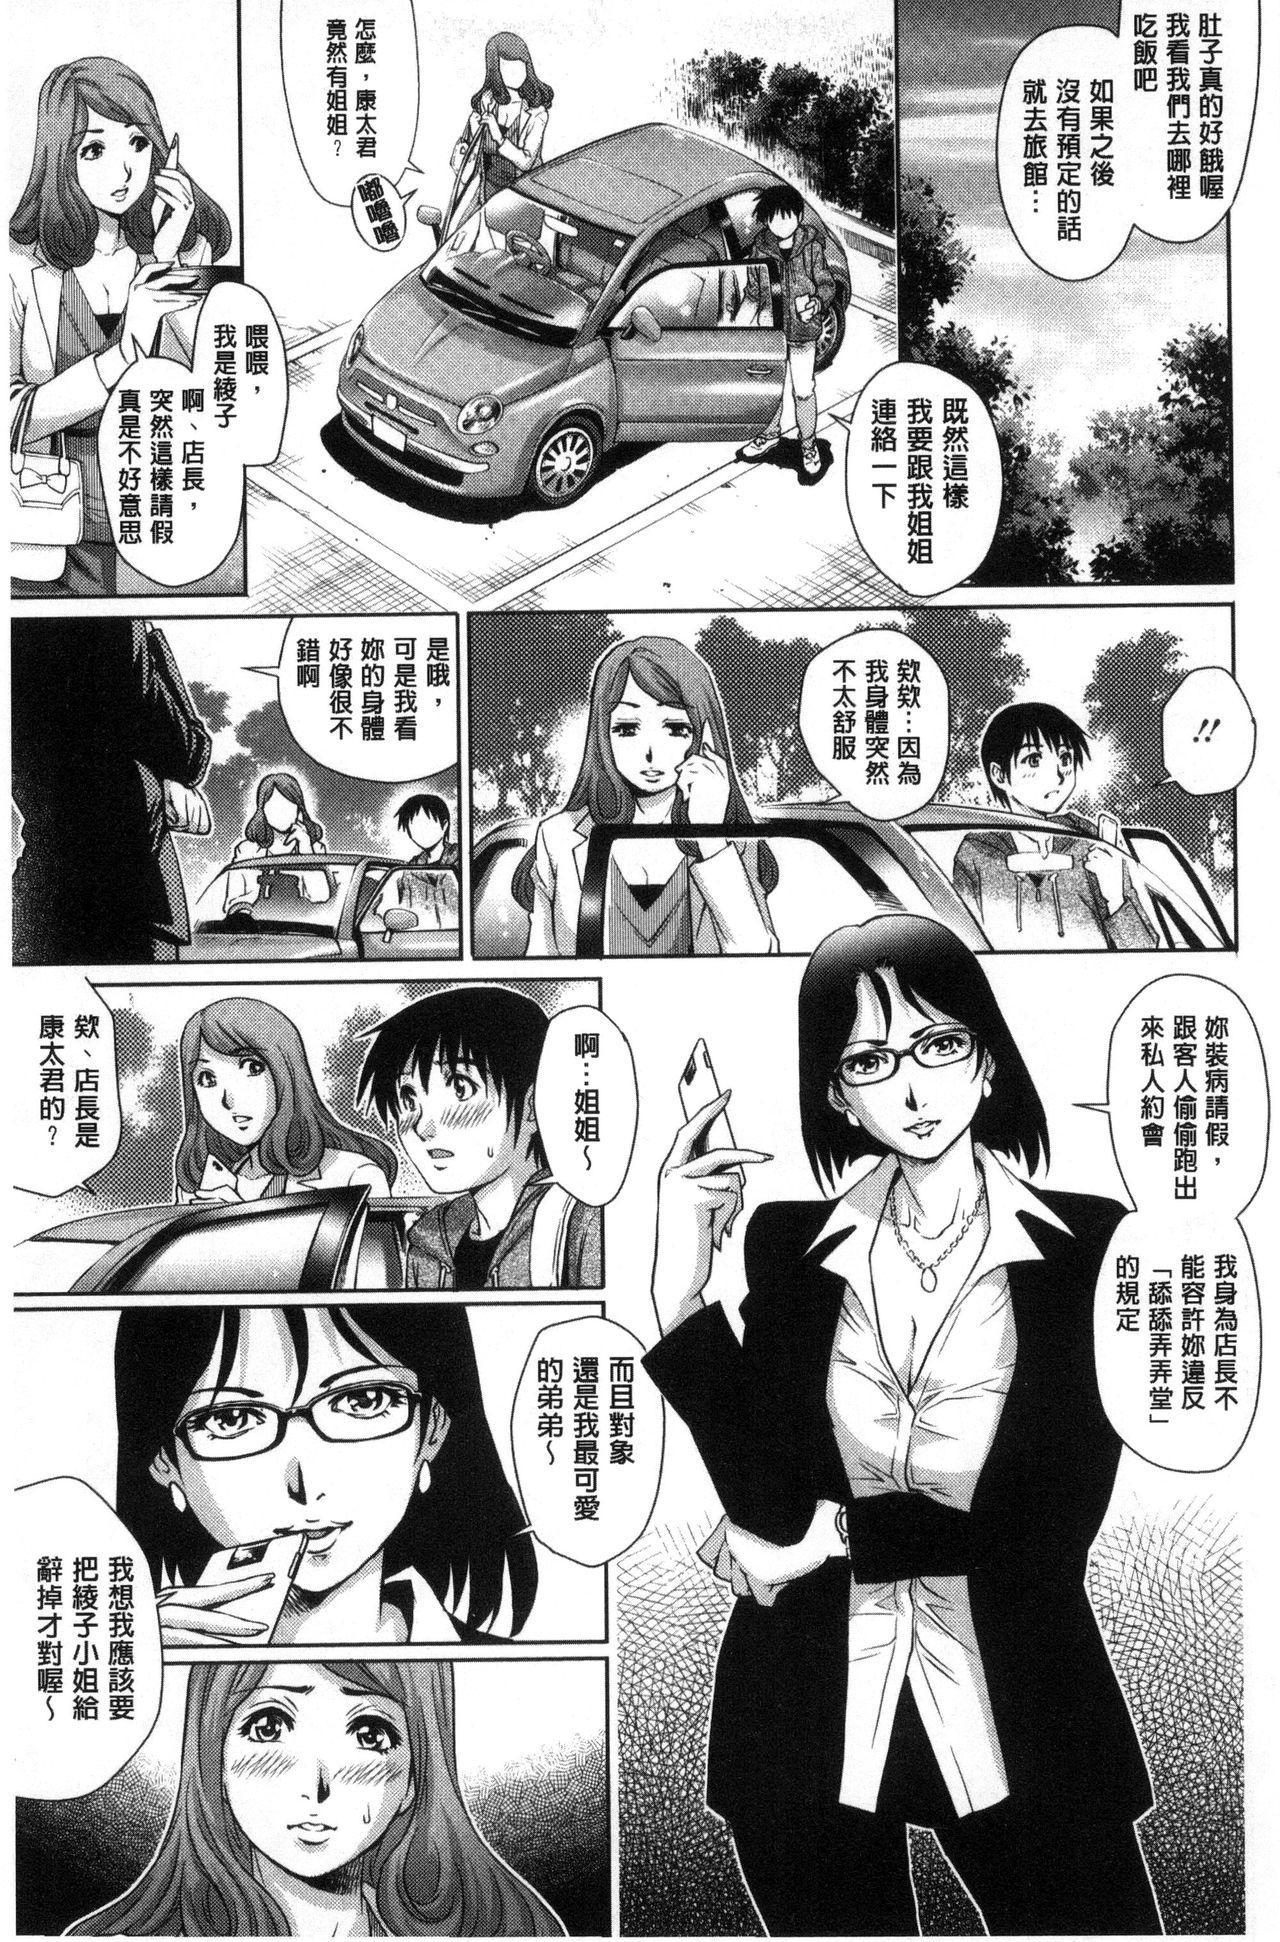 Megami-tachi no Complex | 女神們的COMPLEXES 33